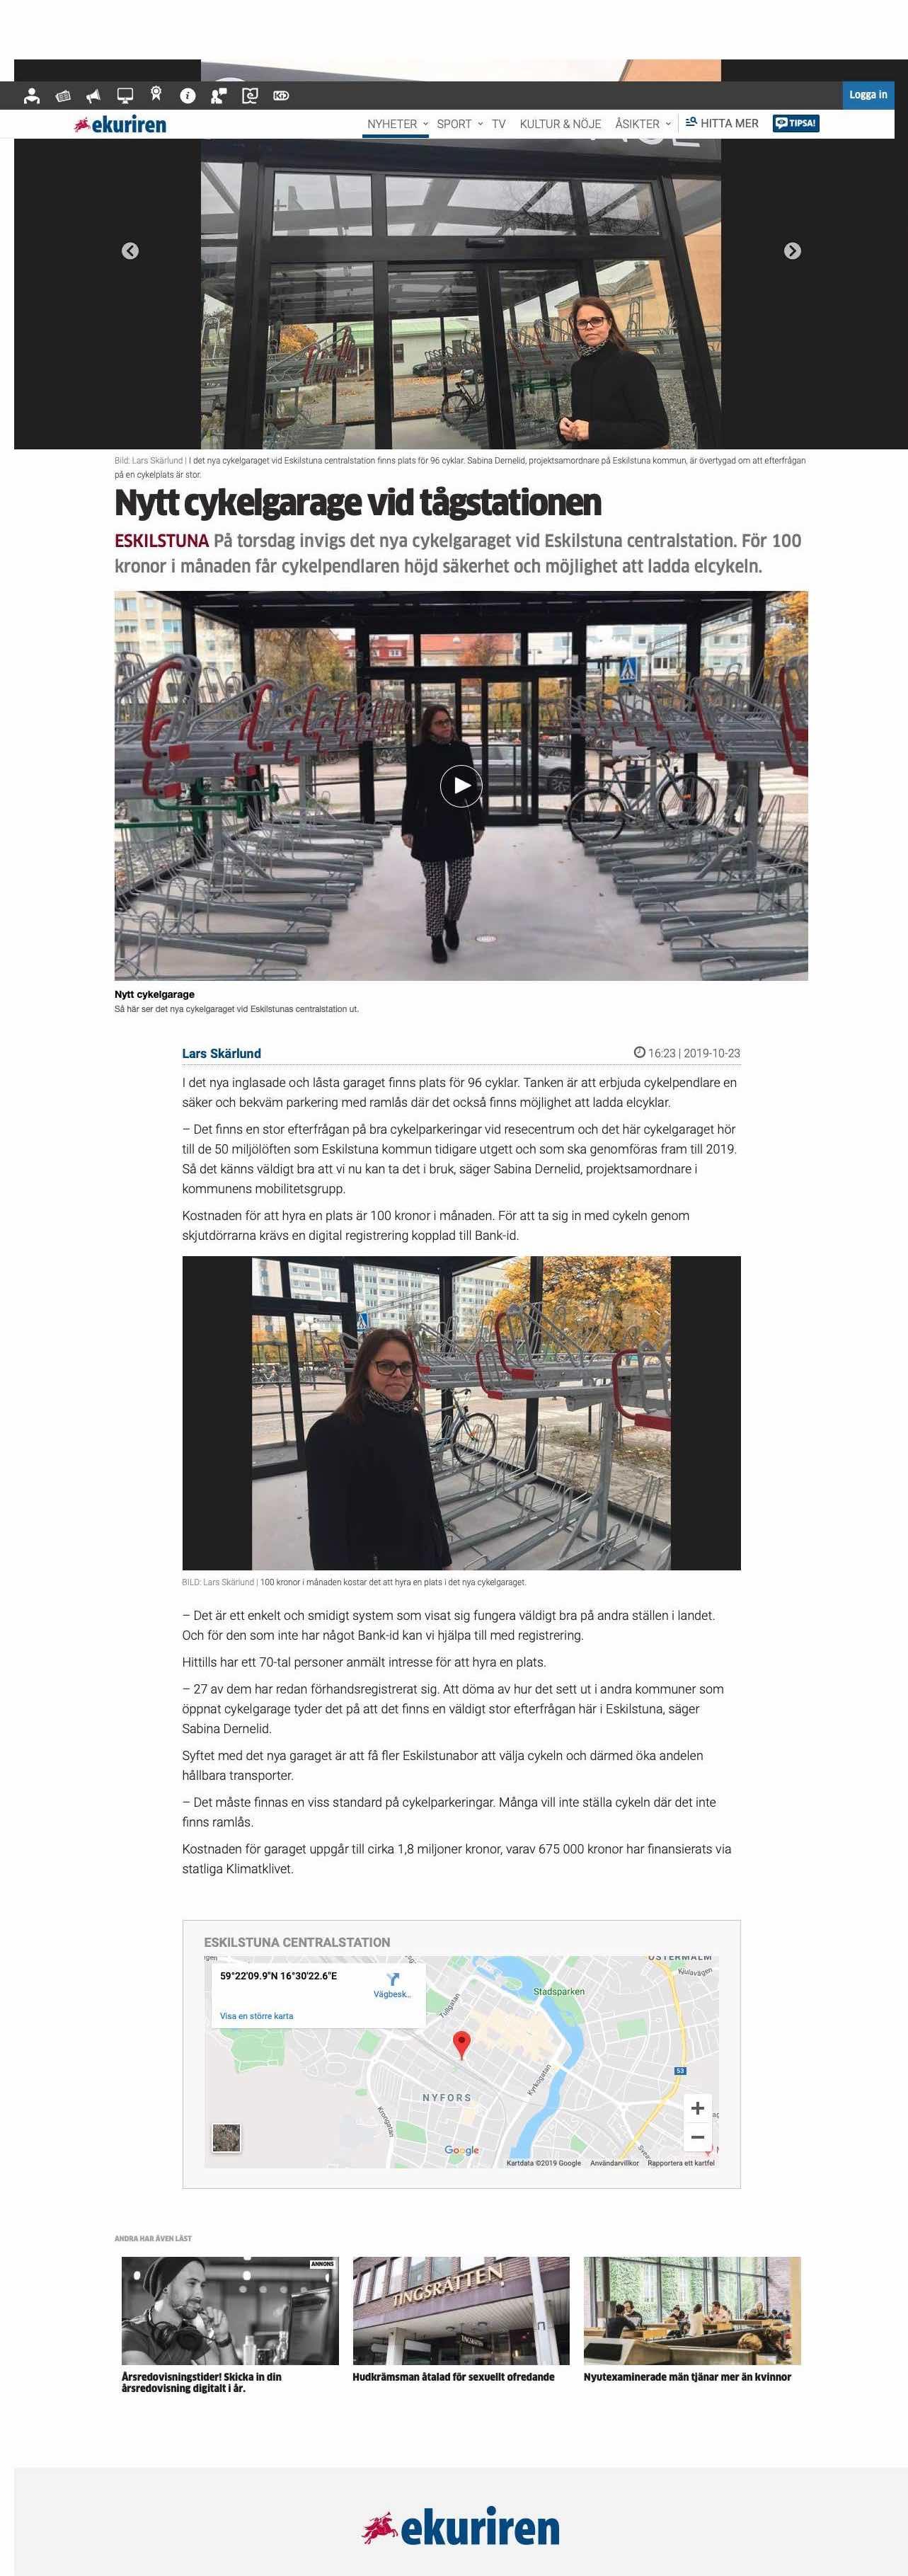 Artikel i Eskilstunakuriren om invigningen av LINK cykelgarage i Eskilstuna